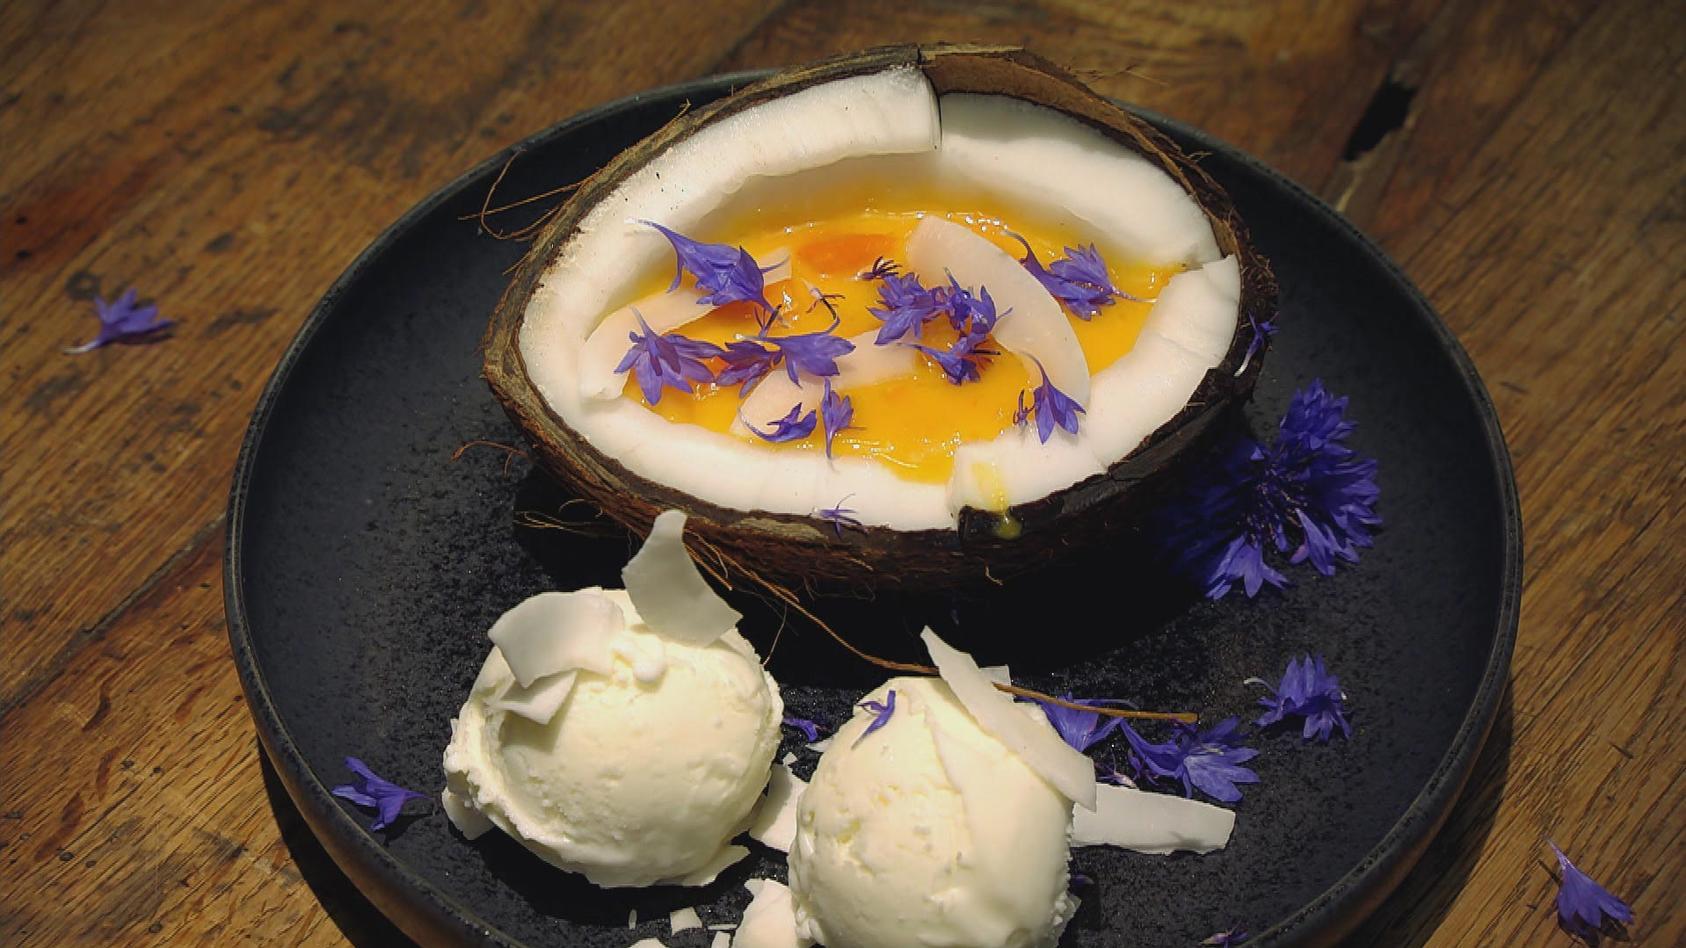 Entspannt ins Wochenende – Vorbereitet gutes Essen genießen: Aprikosen-Kokos-Grütze